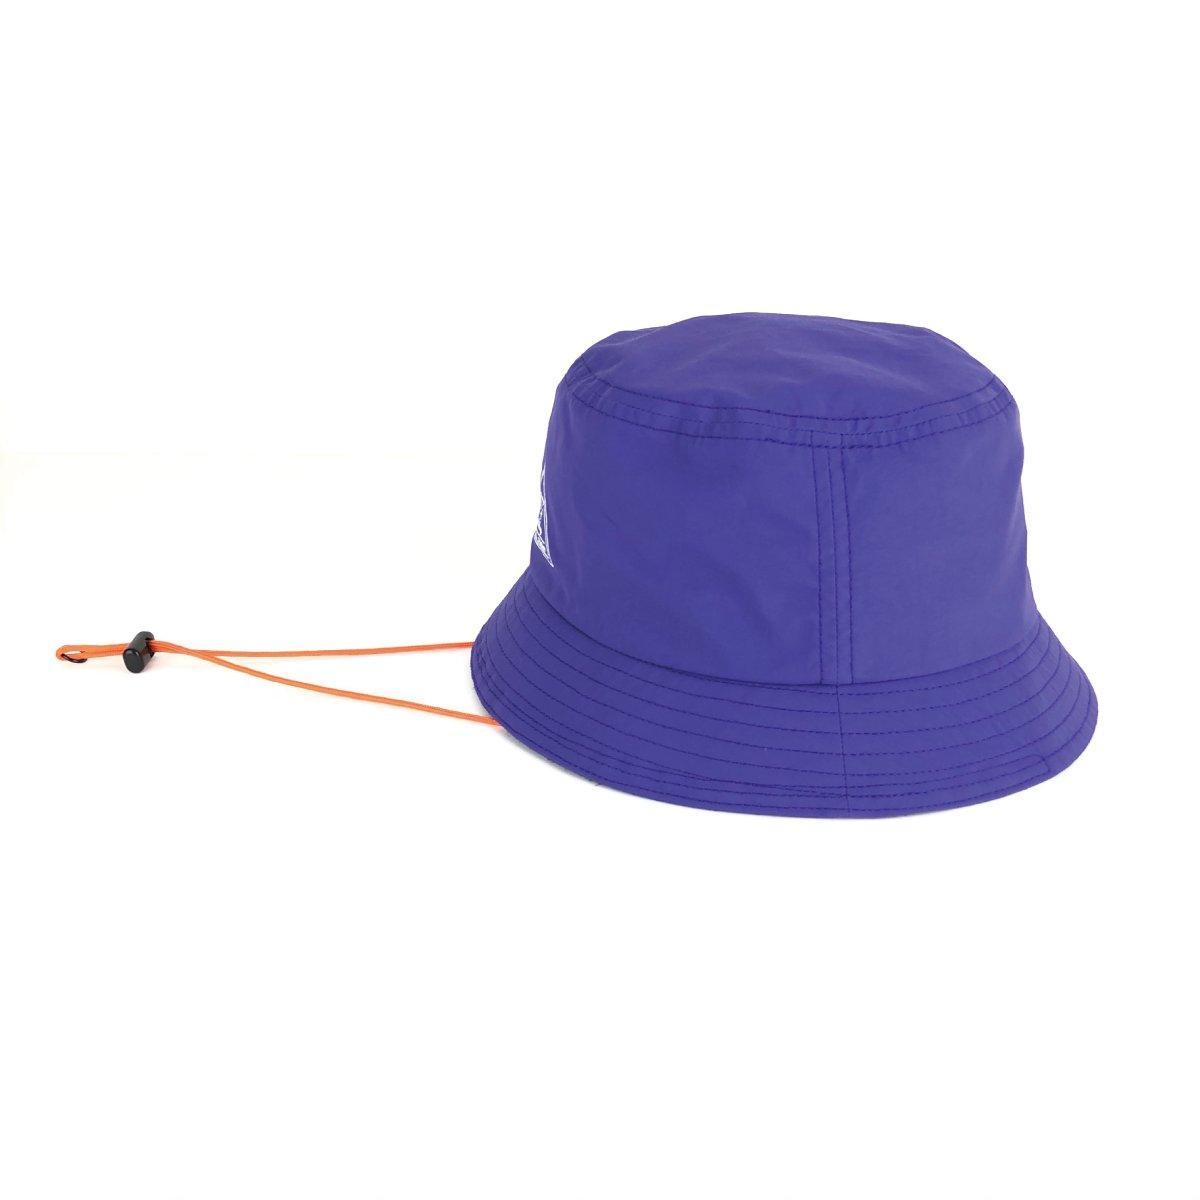 【KIDS】Kids Obey Hat 詳細画像16